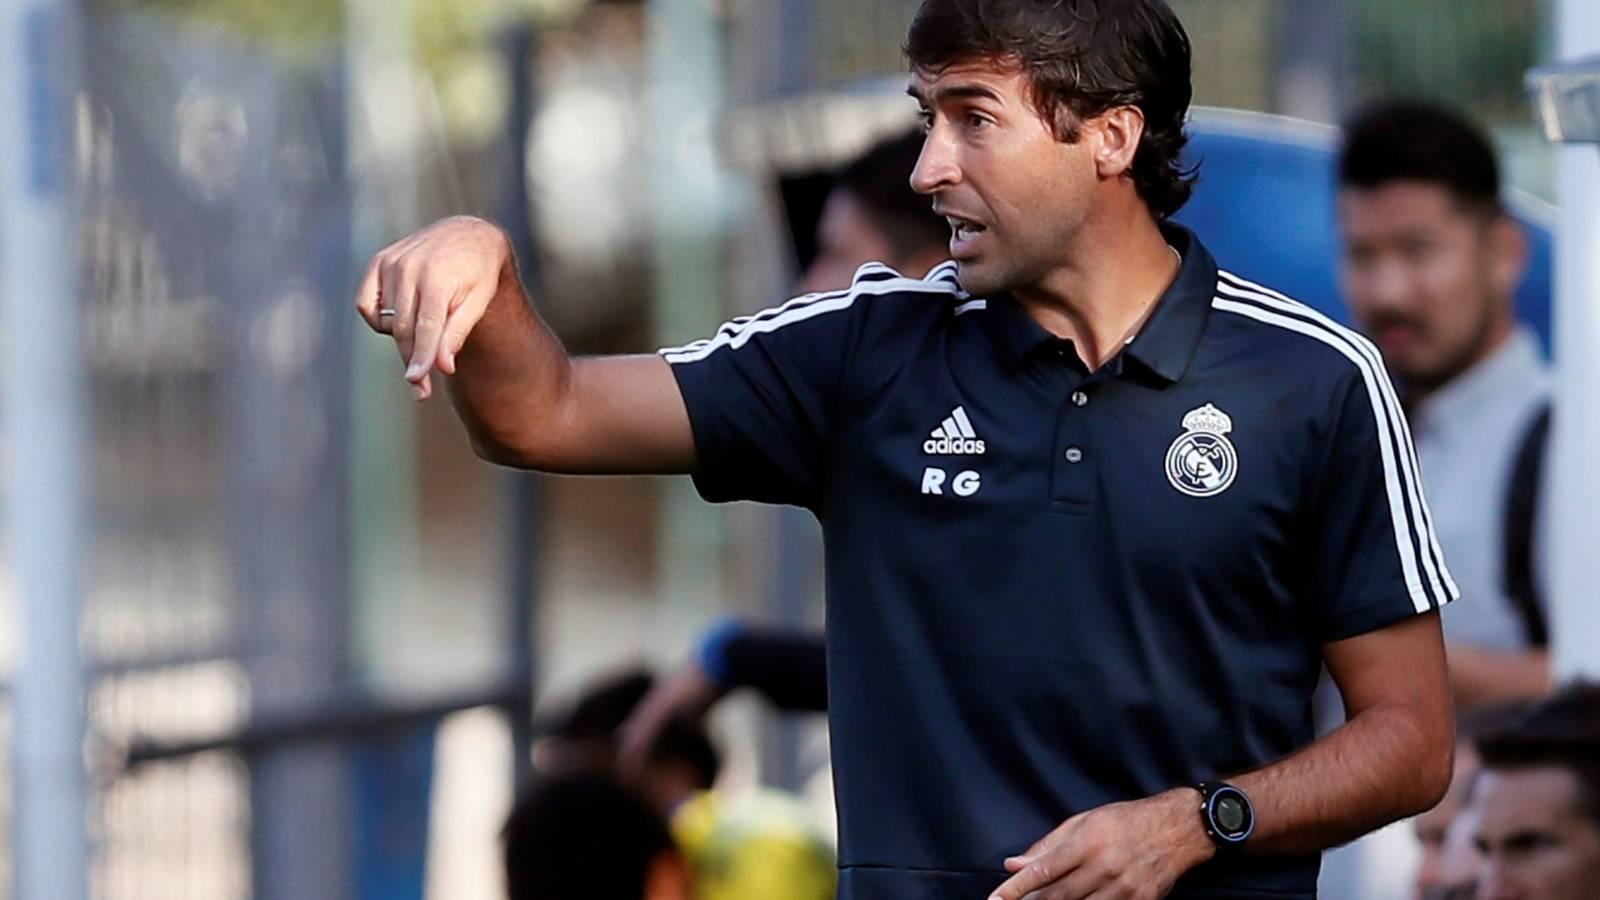 Raúl Schalke